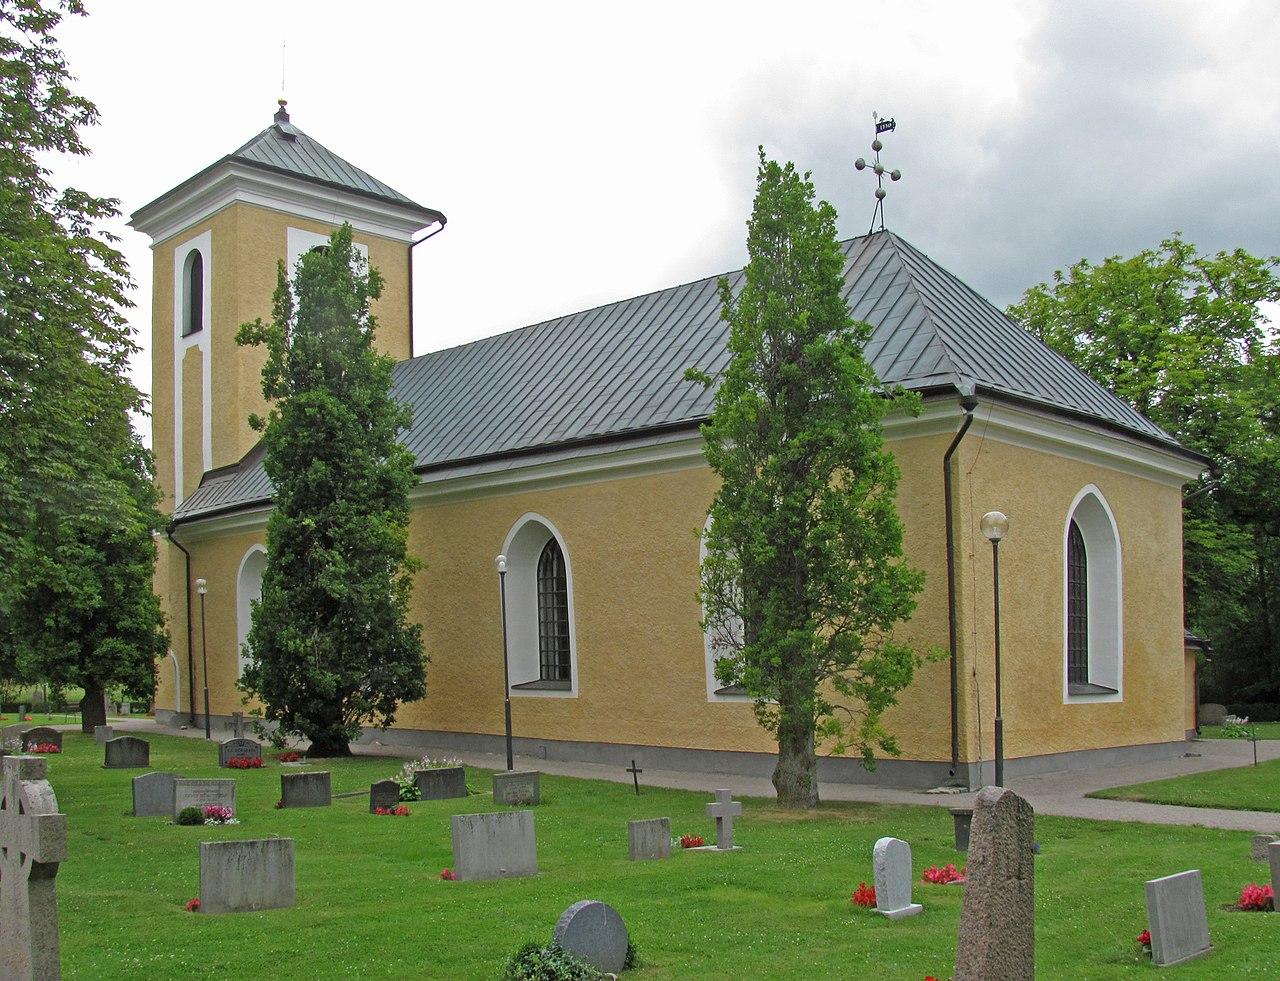 Gustaf Viktor Pettersson - Offentliga medlemsfoton och